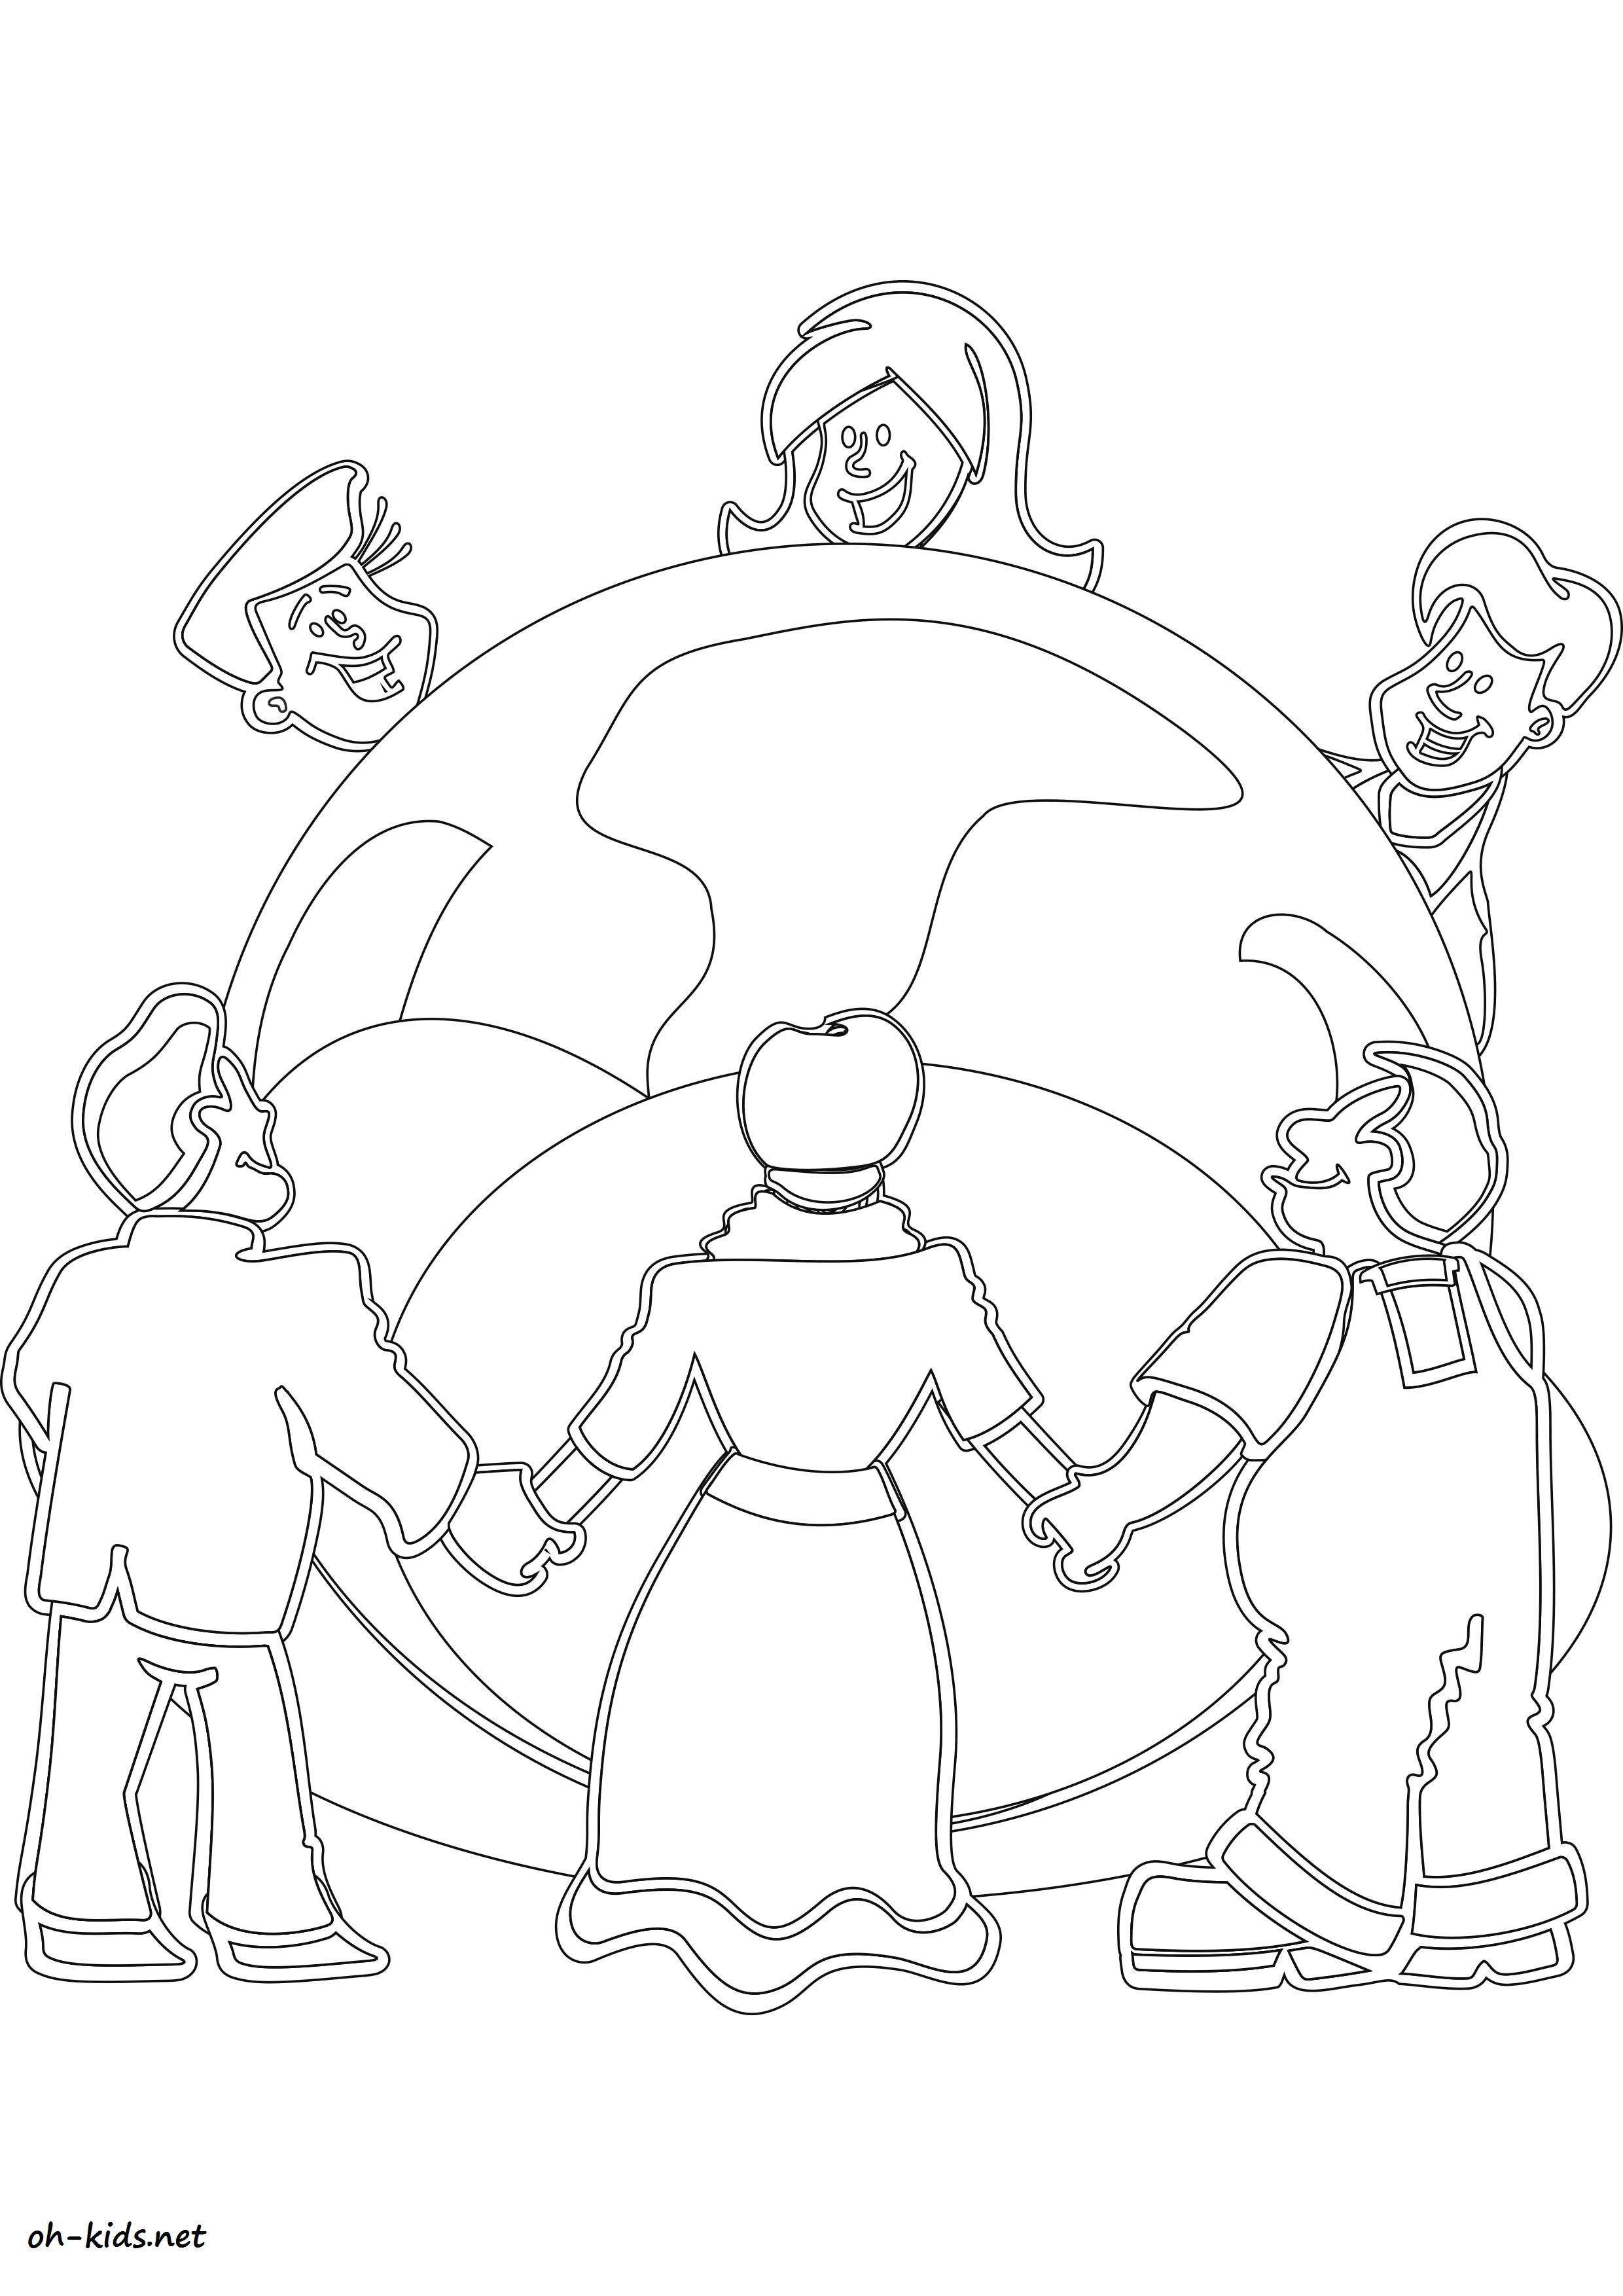 Dessin de globe terrestre à imprimer - Dessin #1190